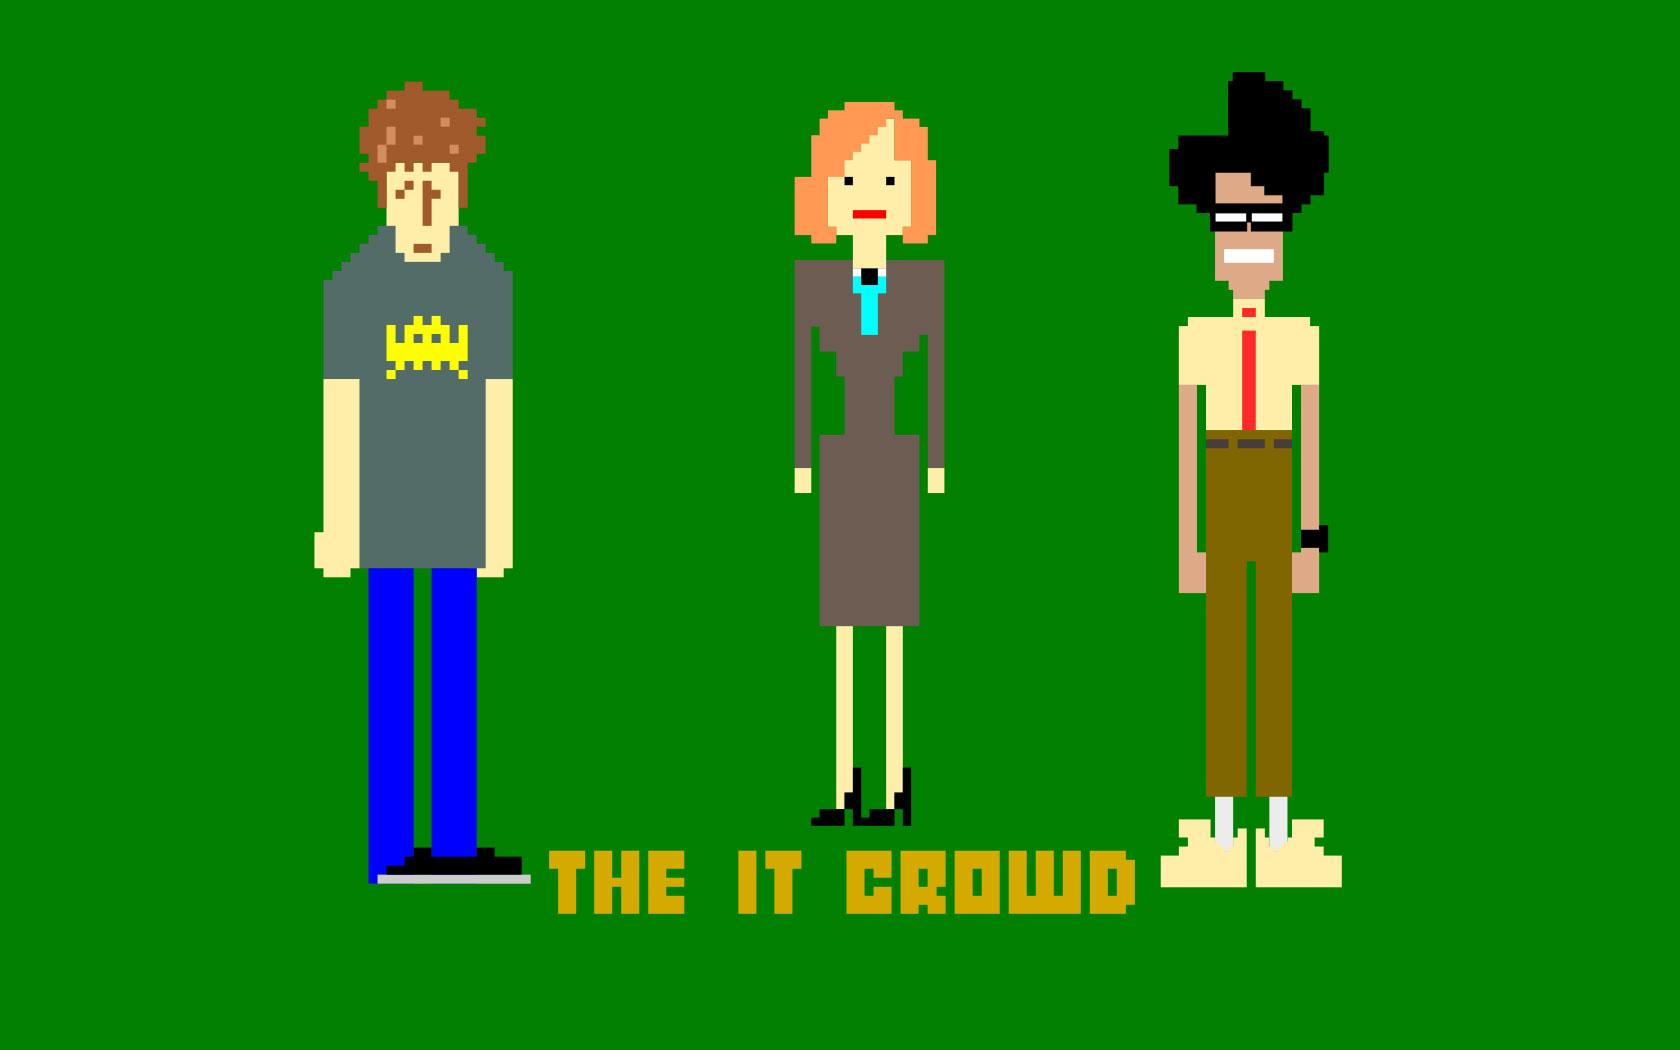 IT Crowd nie tylko dla geeków, a brytyjski humor nadal ma się dobrze